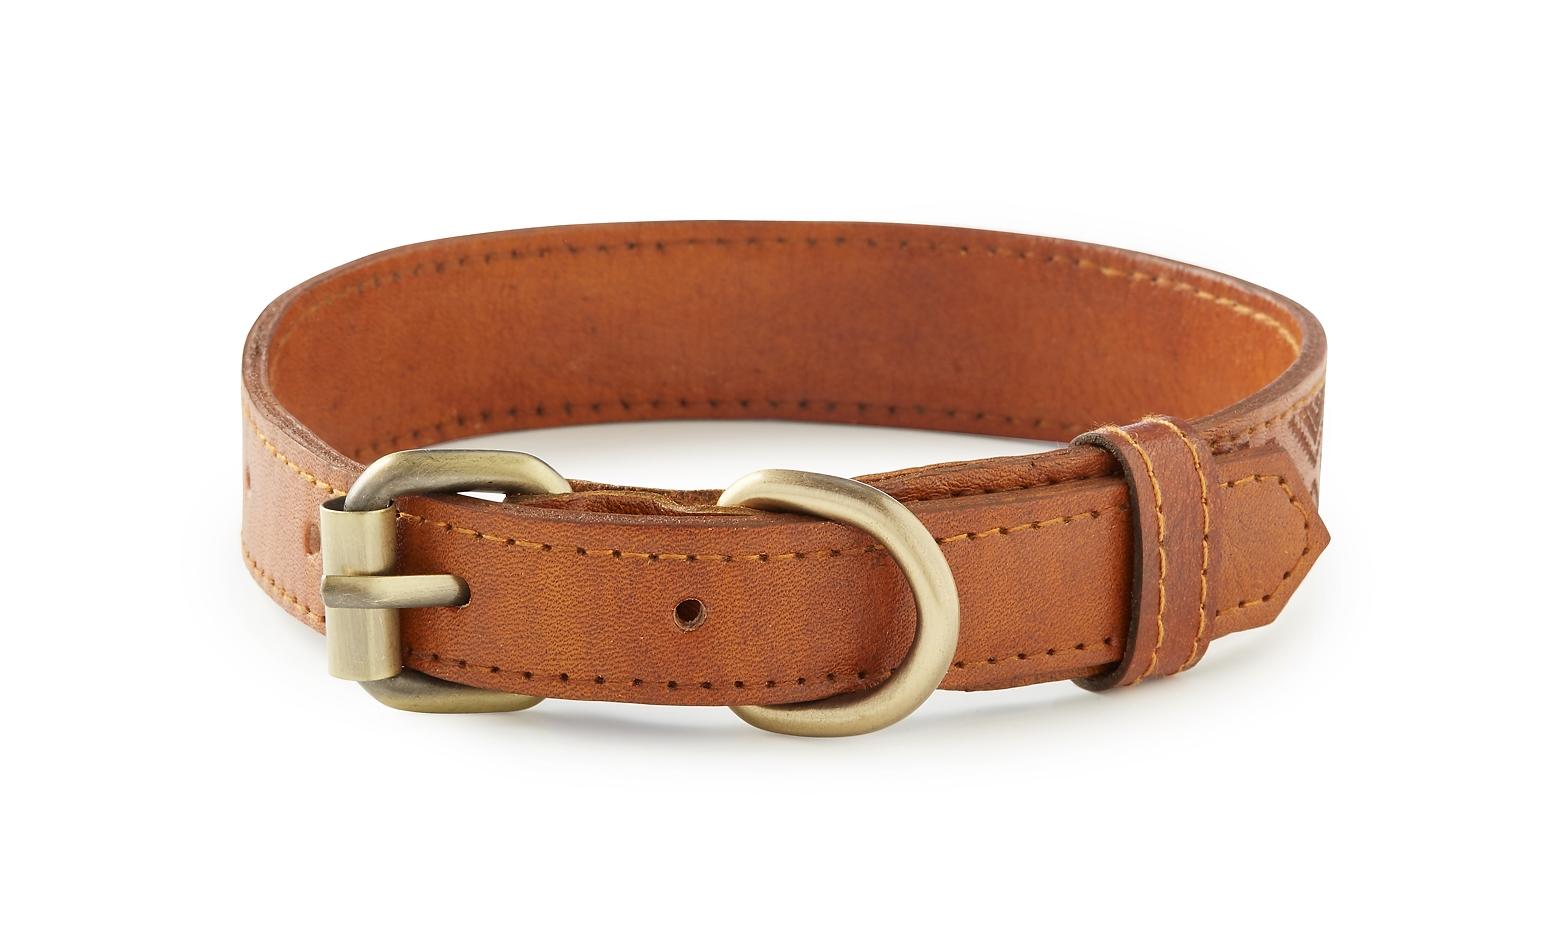 Waikiki - Tan Soft Leather Dog Collar